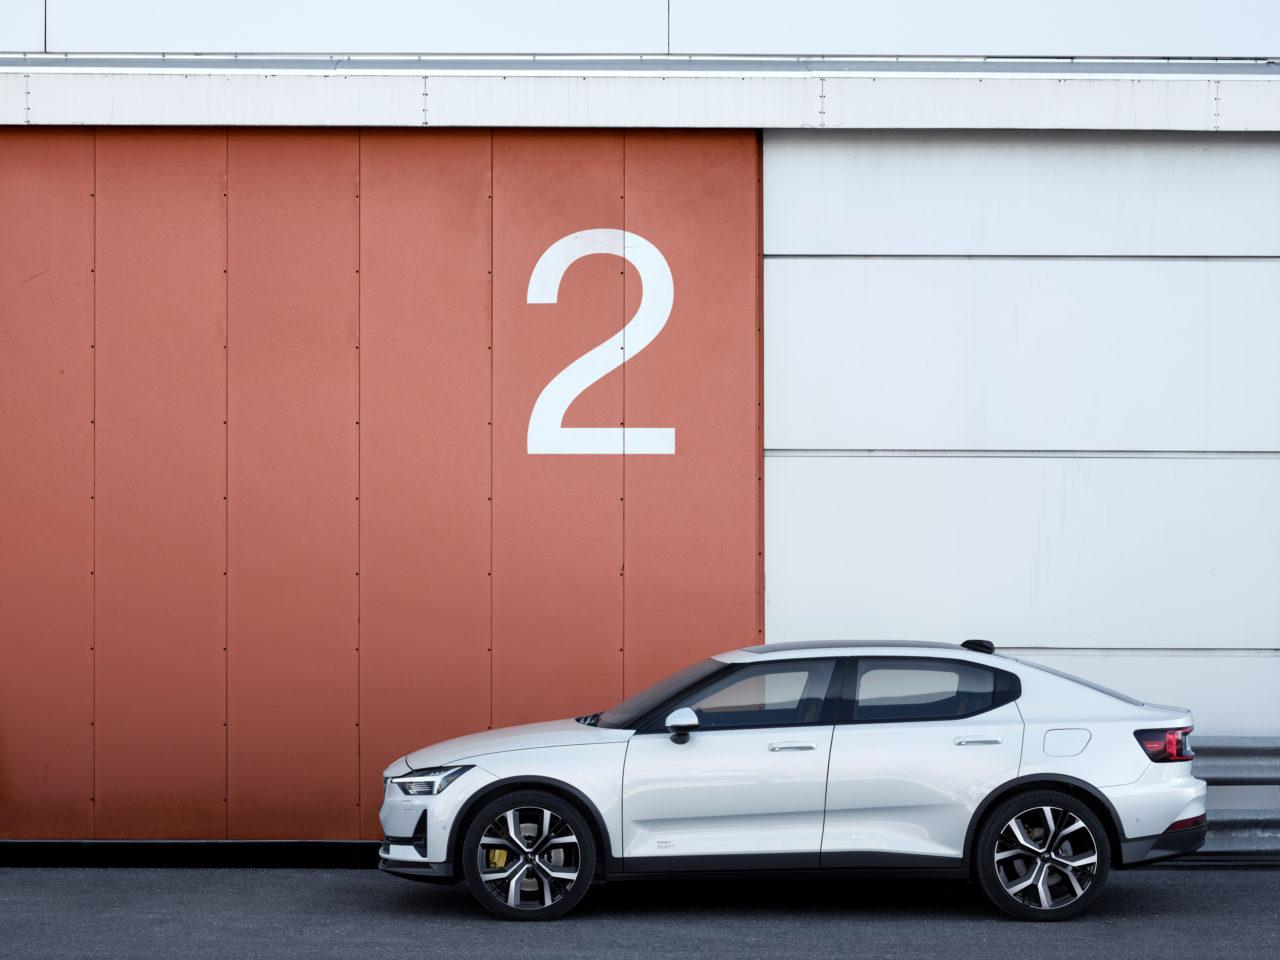 Der Polestar 2 ist mit 500 km Reichweite und einem Einstiegspreis von 39.900 Euro ein vielversprechendes Angebot